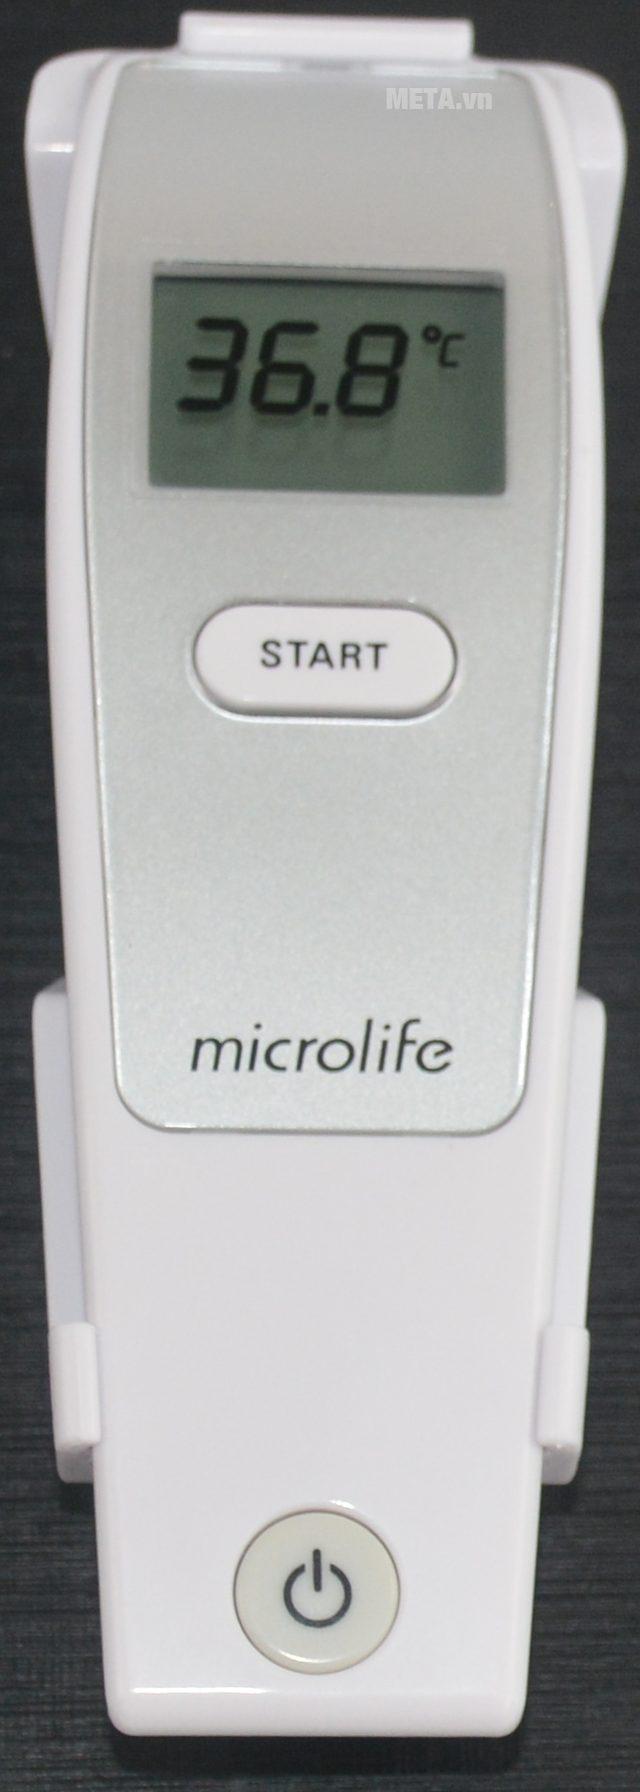 Nhiệt kế đo trán hồng ngoại Microlife FR1MF1 với thiết kế nhỏ gọn.